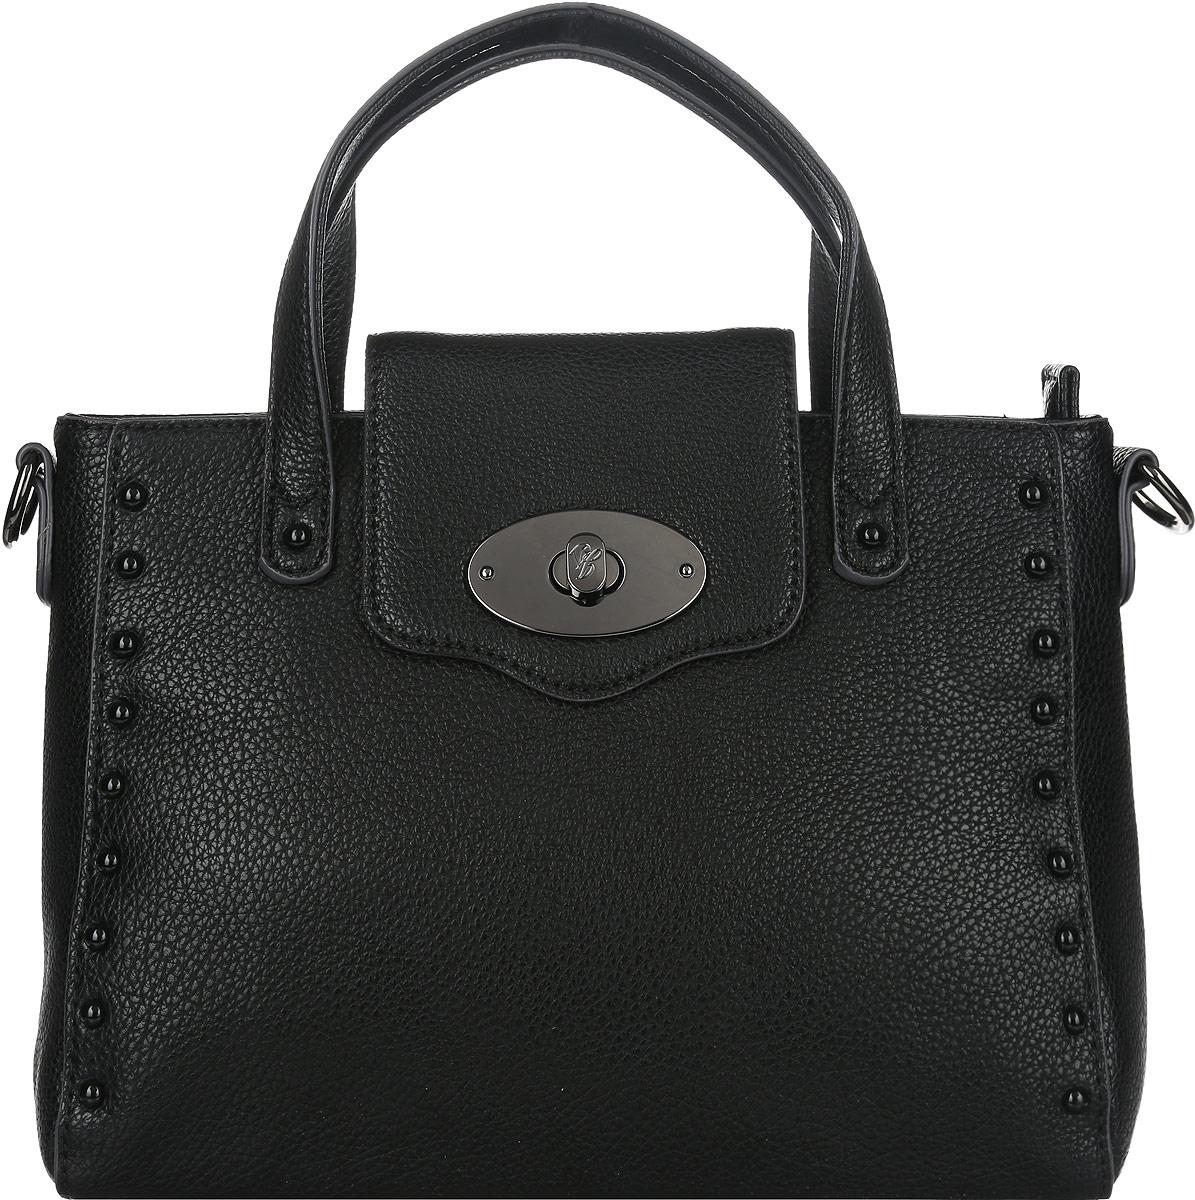 Сумка женская Jane Shilton, цвет: черный. 20732073blСтильная женская сумка Jane Shilton выполнена из искусственной кожи с фактурным тиснением и оформлена декоративными металлическими заклепками. Изделие имеет одно основное отделение, закрывающееся на застежку-молнию. Внутри находятся прорезной карман на застежке-молнии и накладной открытый карман. Закрывается сумка на широкий хлястик с поворотным замком. Снаружи, на задней стенке расположен прорезной карман на застежке-молнии. Модель оснащена двумя удобными ручками. В комплект входит съемный плечевой ремень. Роскошная сумка внесет элегантные нотки в ваш образ и подчеркнет ваше отменное чувство стиля.